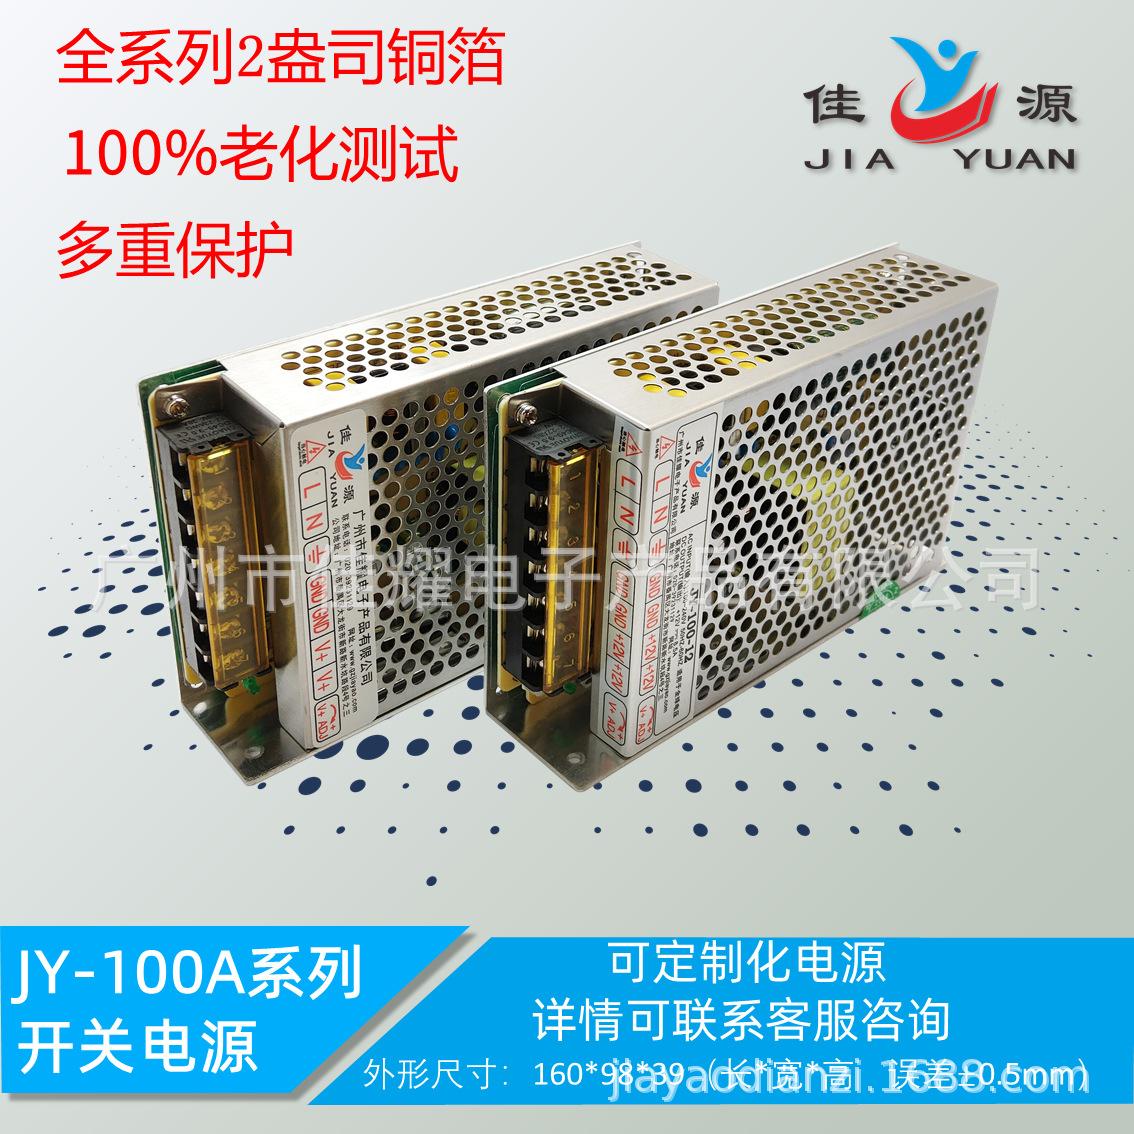 JY-100-24 100W 24V 4.5A 开关电源 JY-100系列 电压可定制